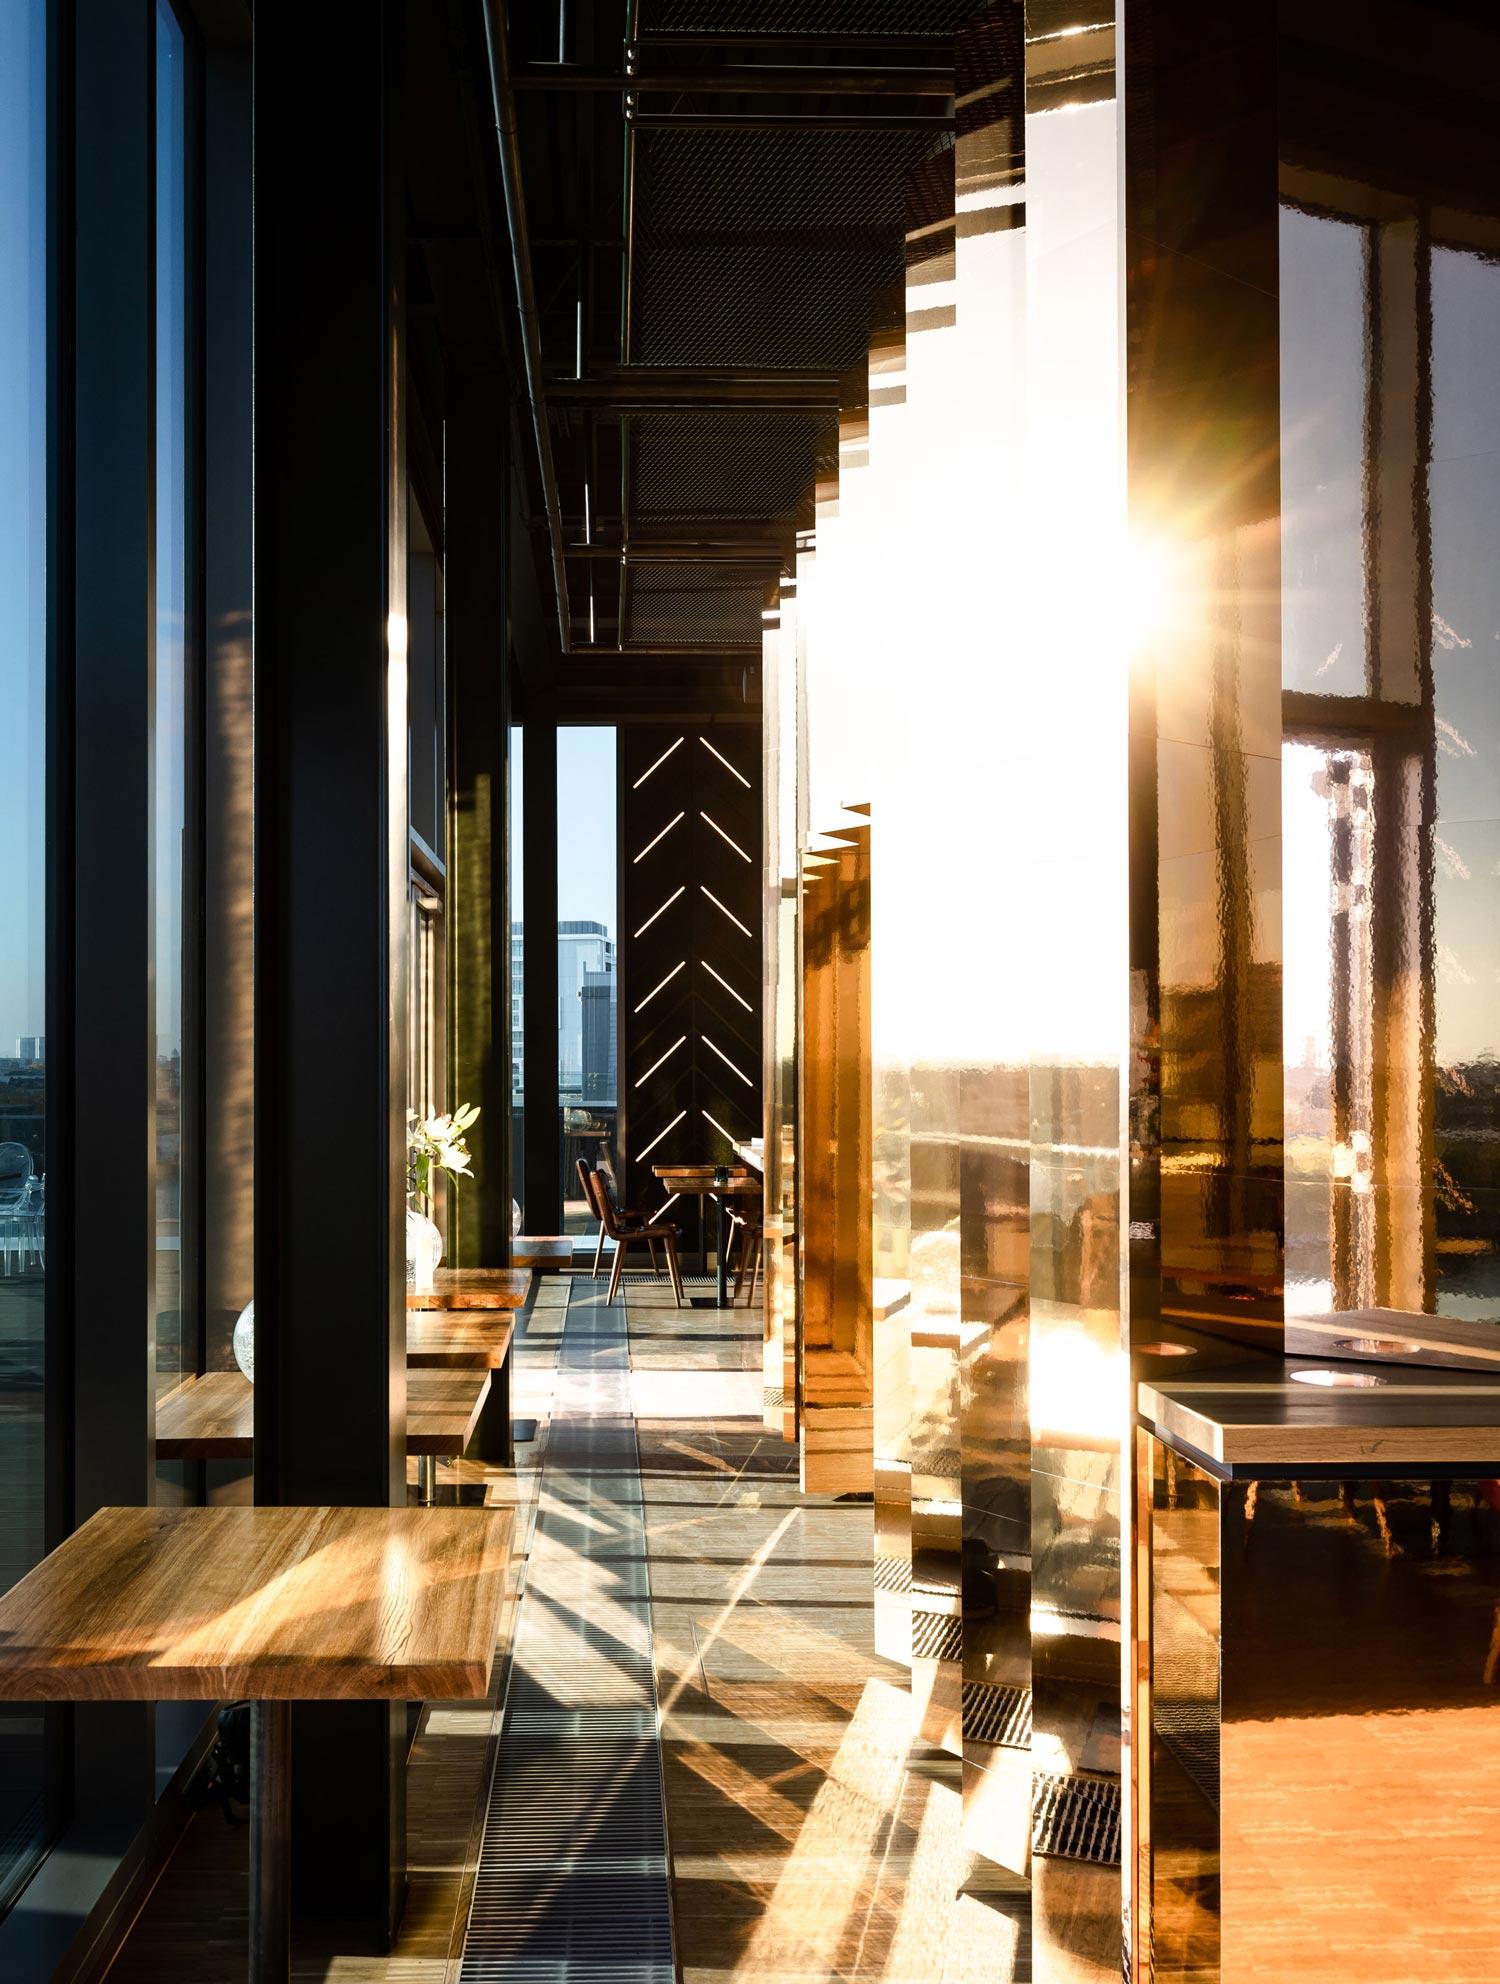 Die Barverkleidung aus hochglänzendem Kupfer im Abendlicht Foto: whitekitchen GbR